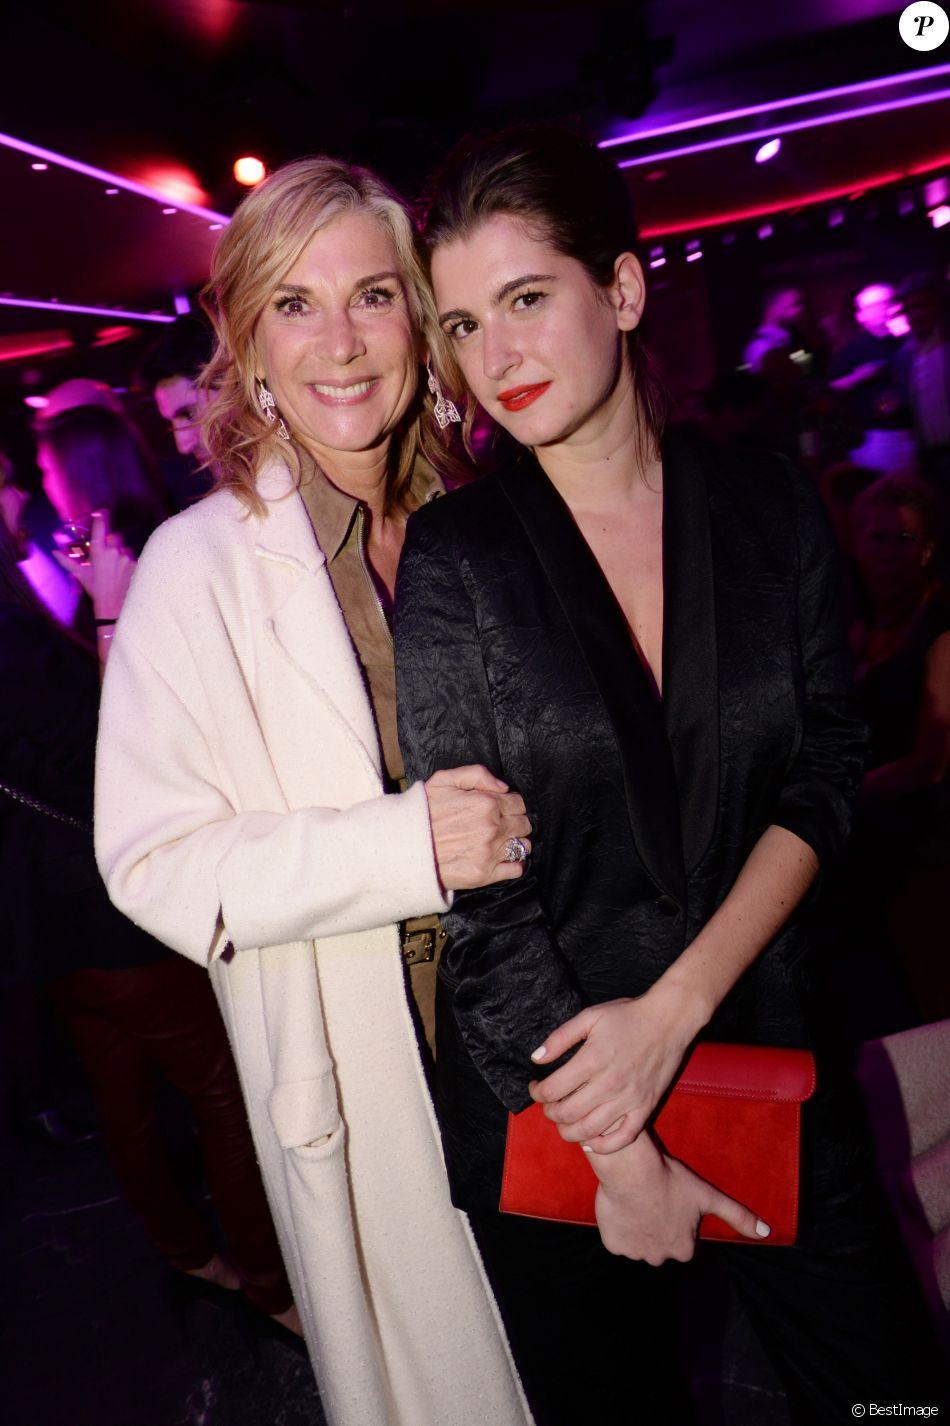 Exclusif - Michèle Laroque et sa fille Oriane Deschamps - After-party du  film Brillantissime